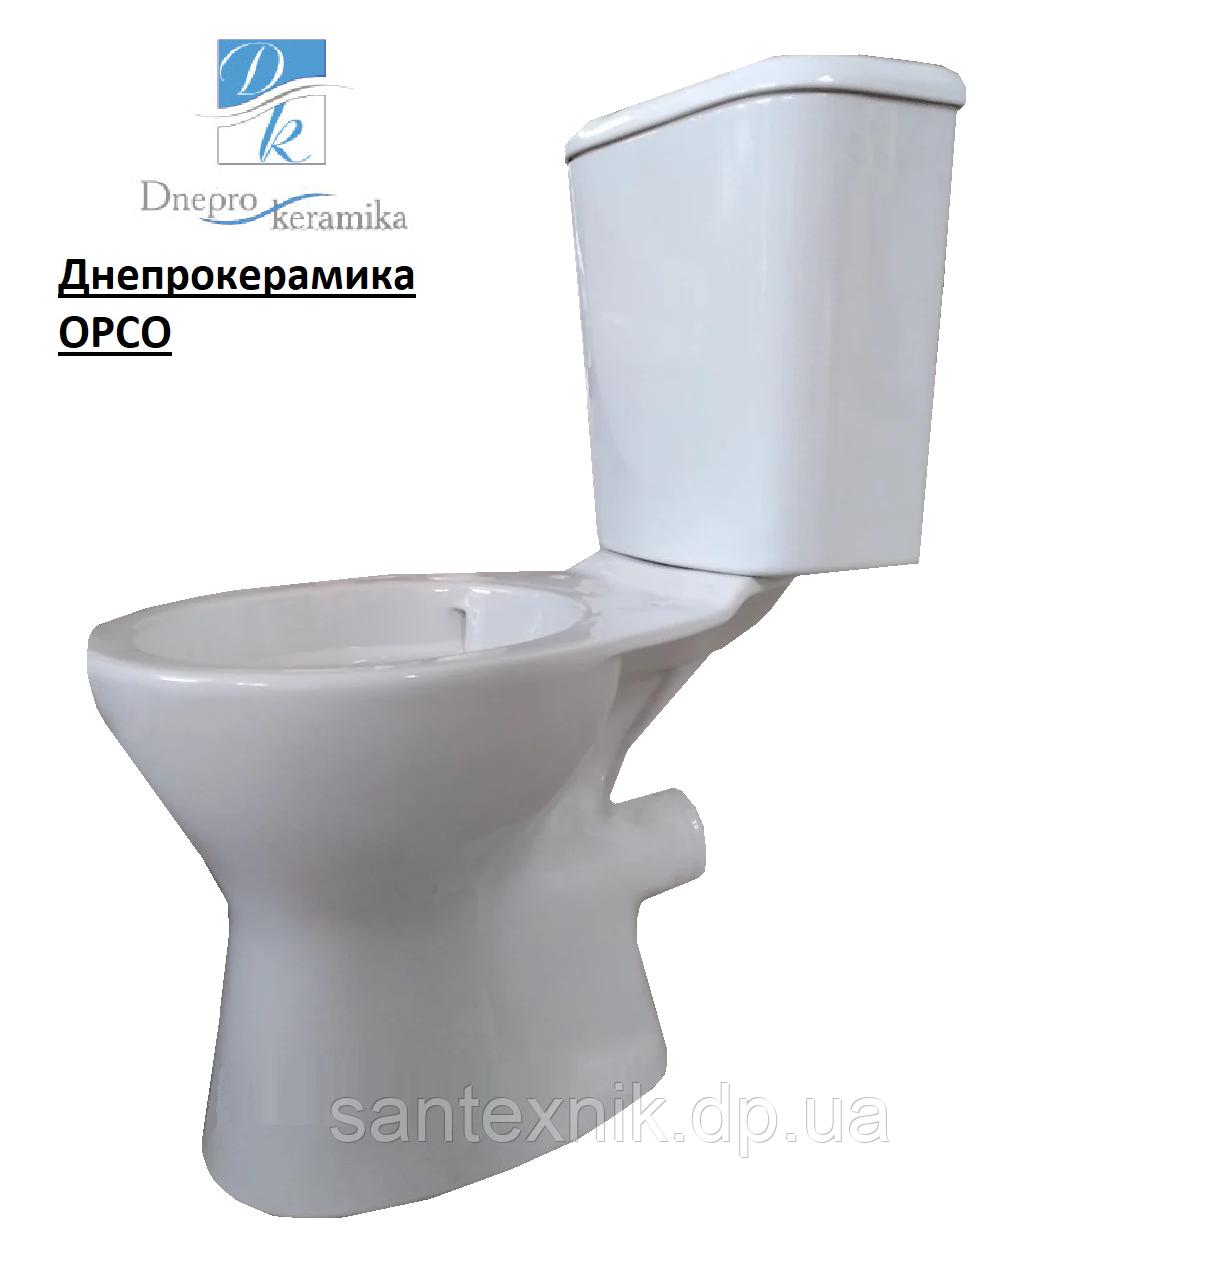 Унитаз ОРСО безободковый прямой выпуск DNEPROKERAMIKA